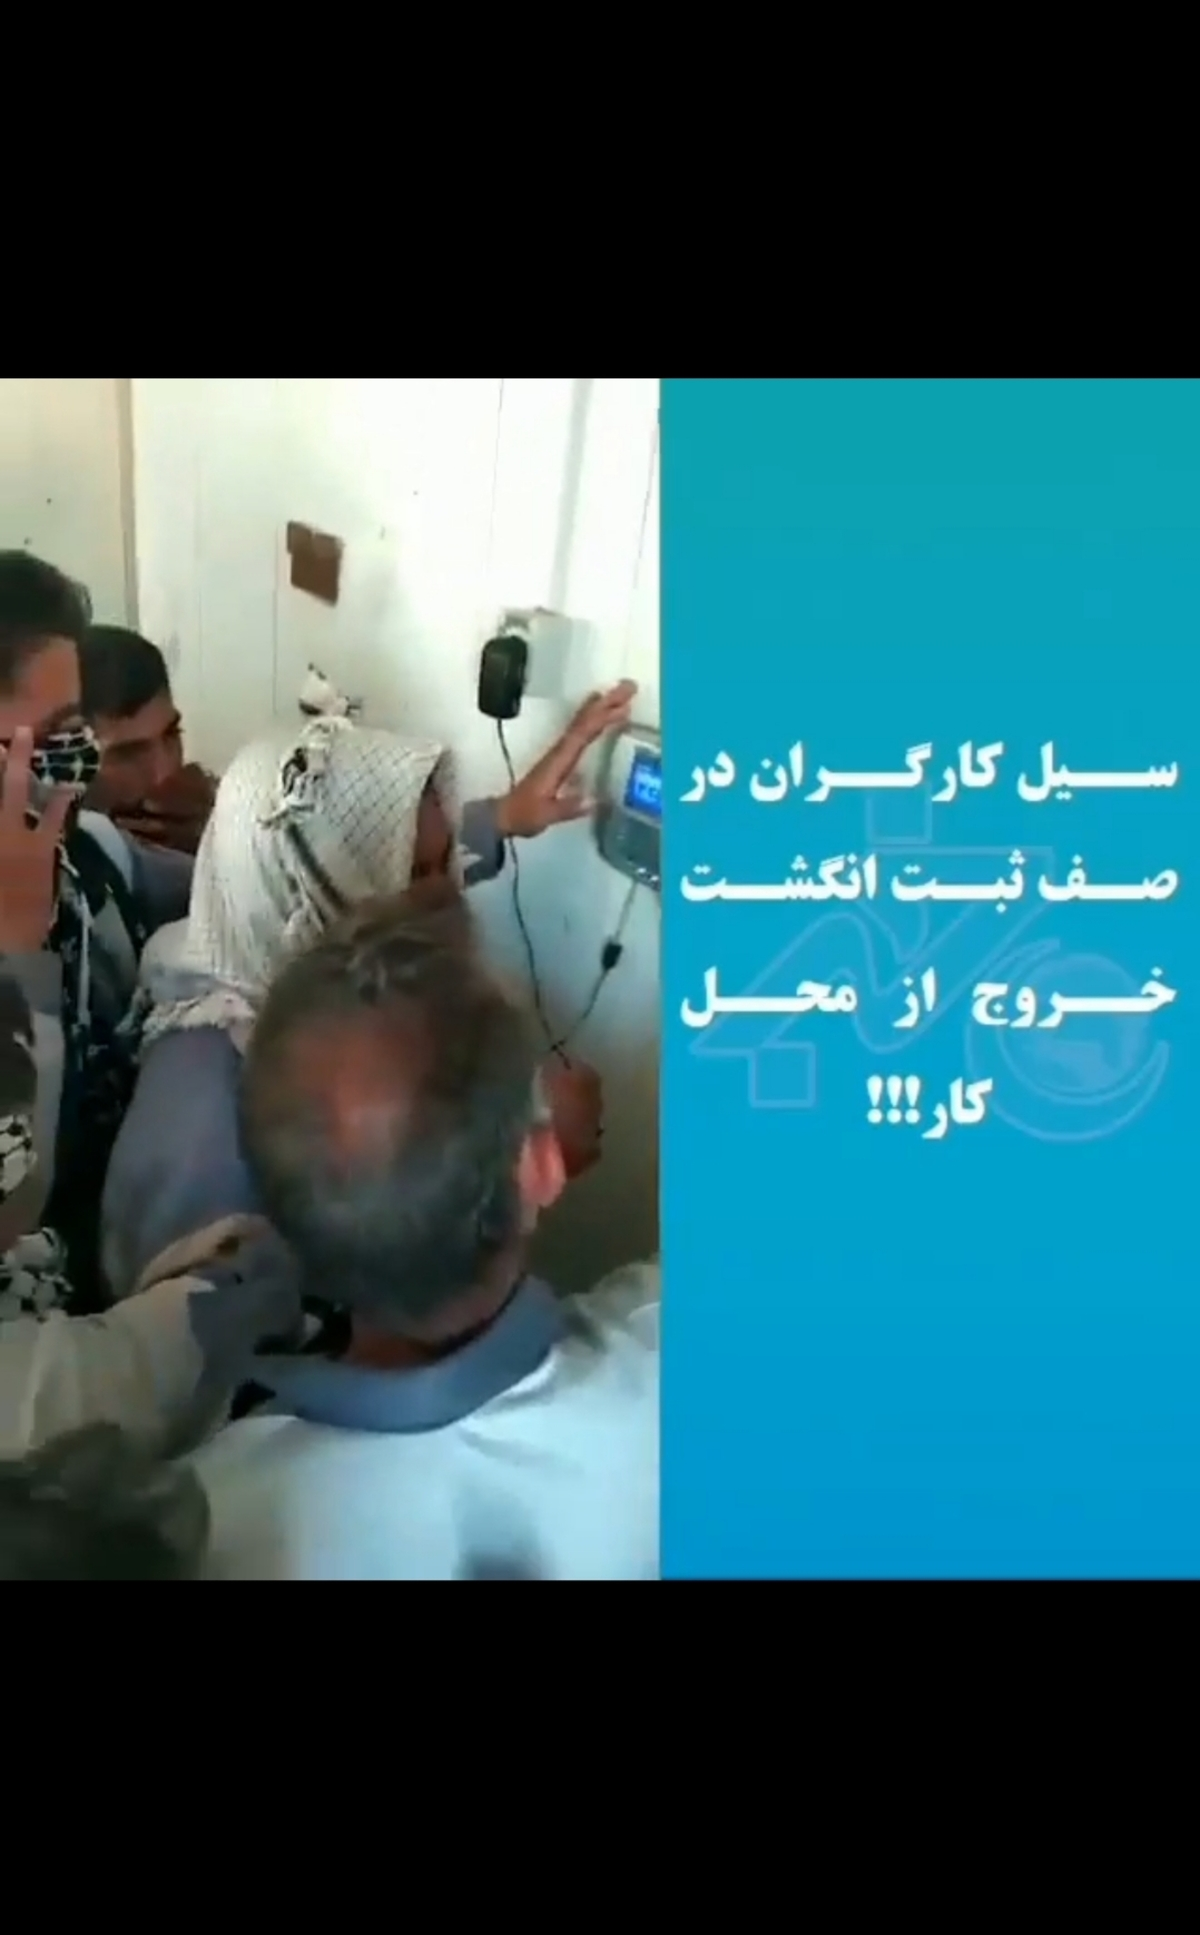 وضعیت قرمز ماهشهر و تجمع کارگران در صف ثبت انگشت حضور و غیاب محل کار + ویدئو